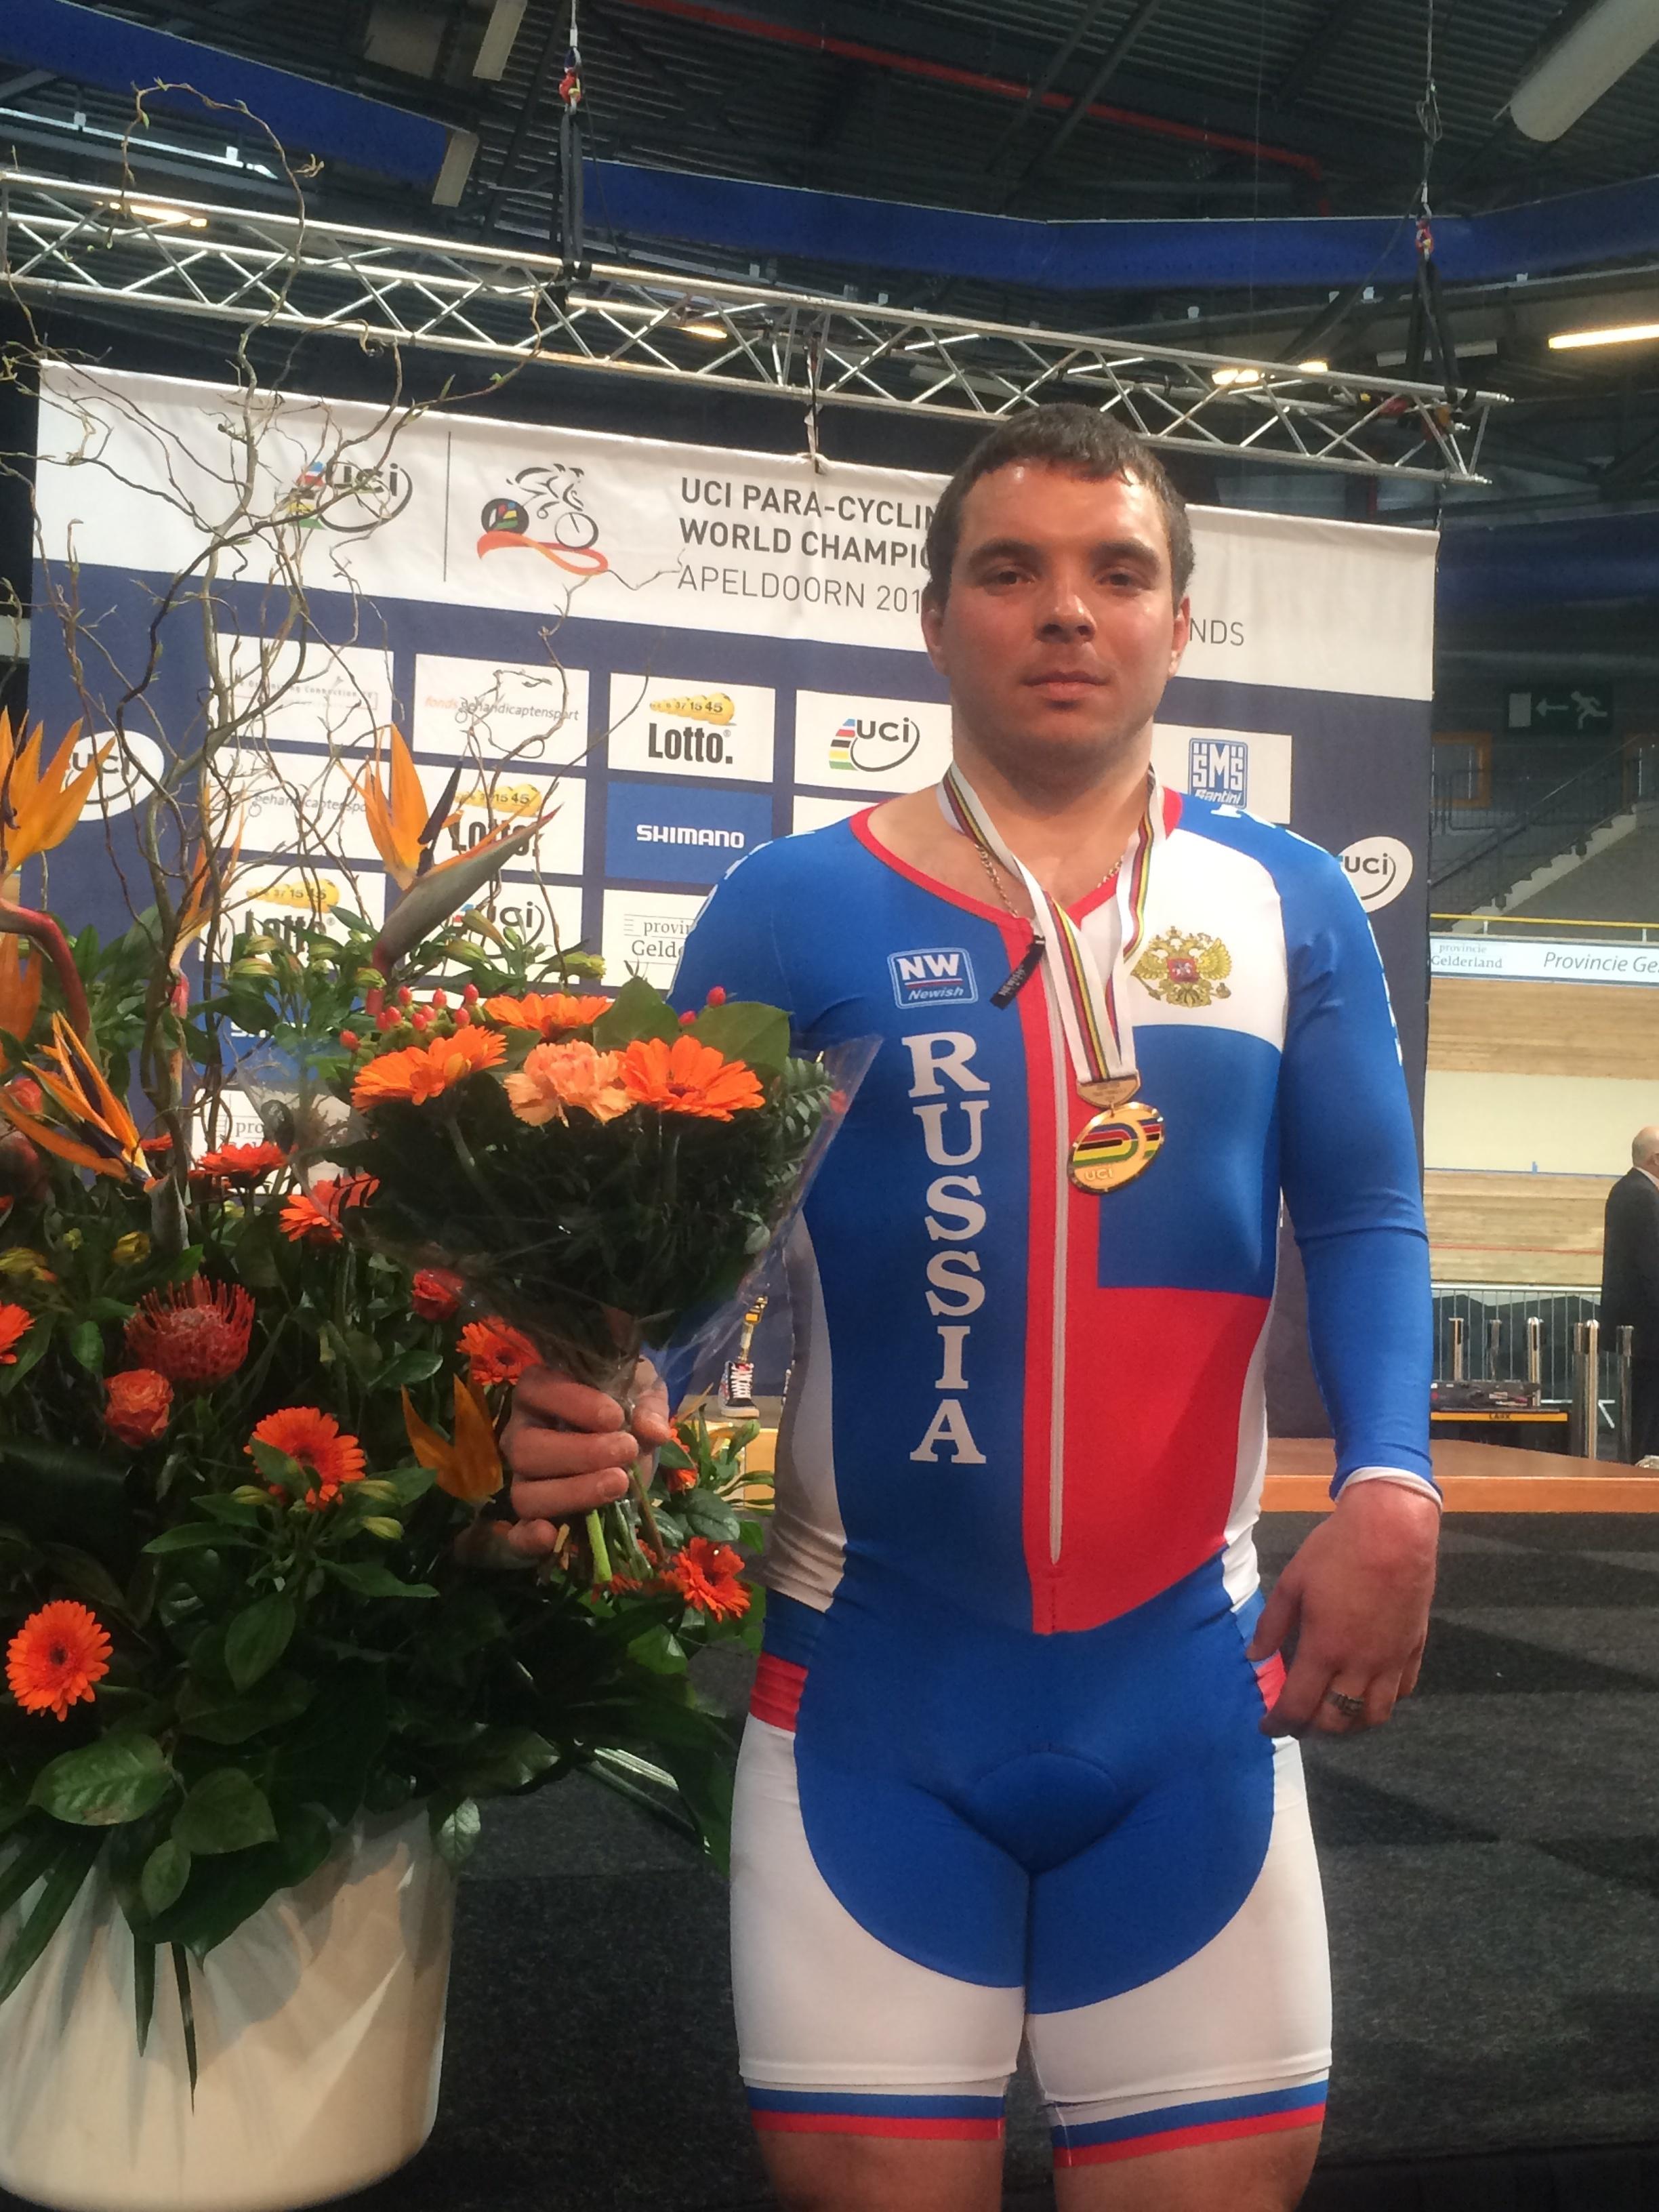 Сборная команда России завоевала бронзовую медаль в первый день чемпионата мира по велоспорту-трек среди лиц с ПОДА